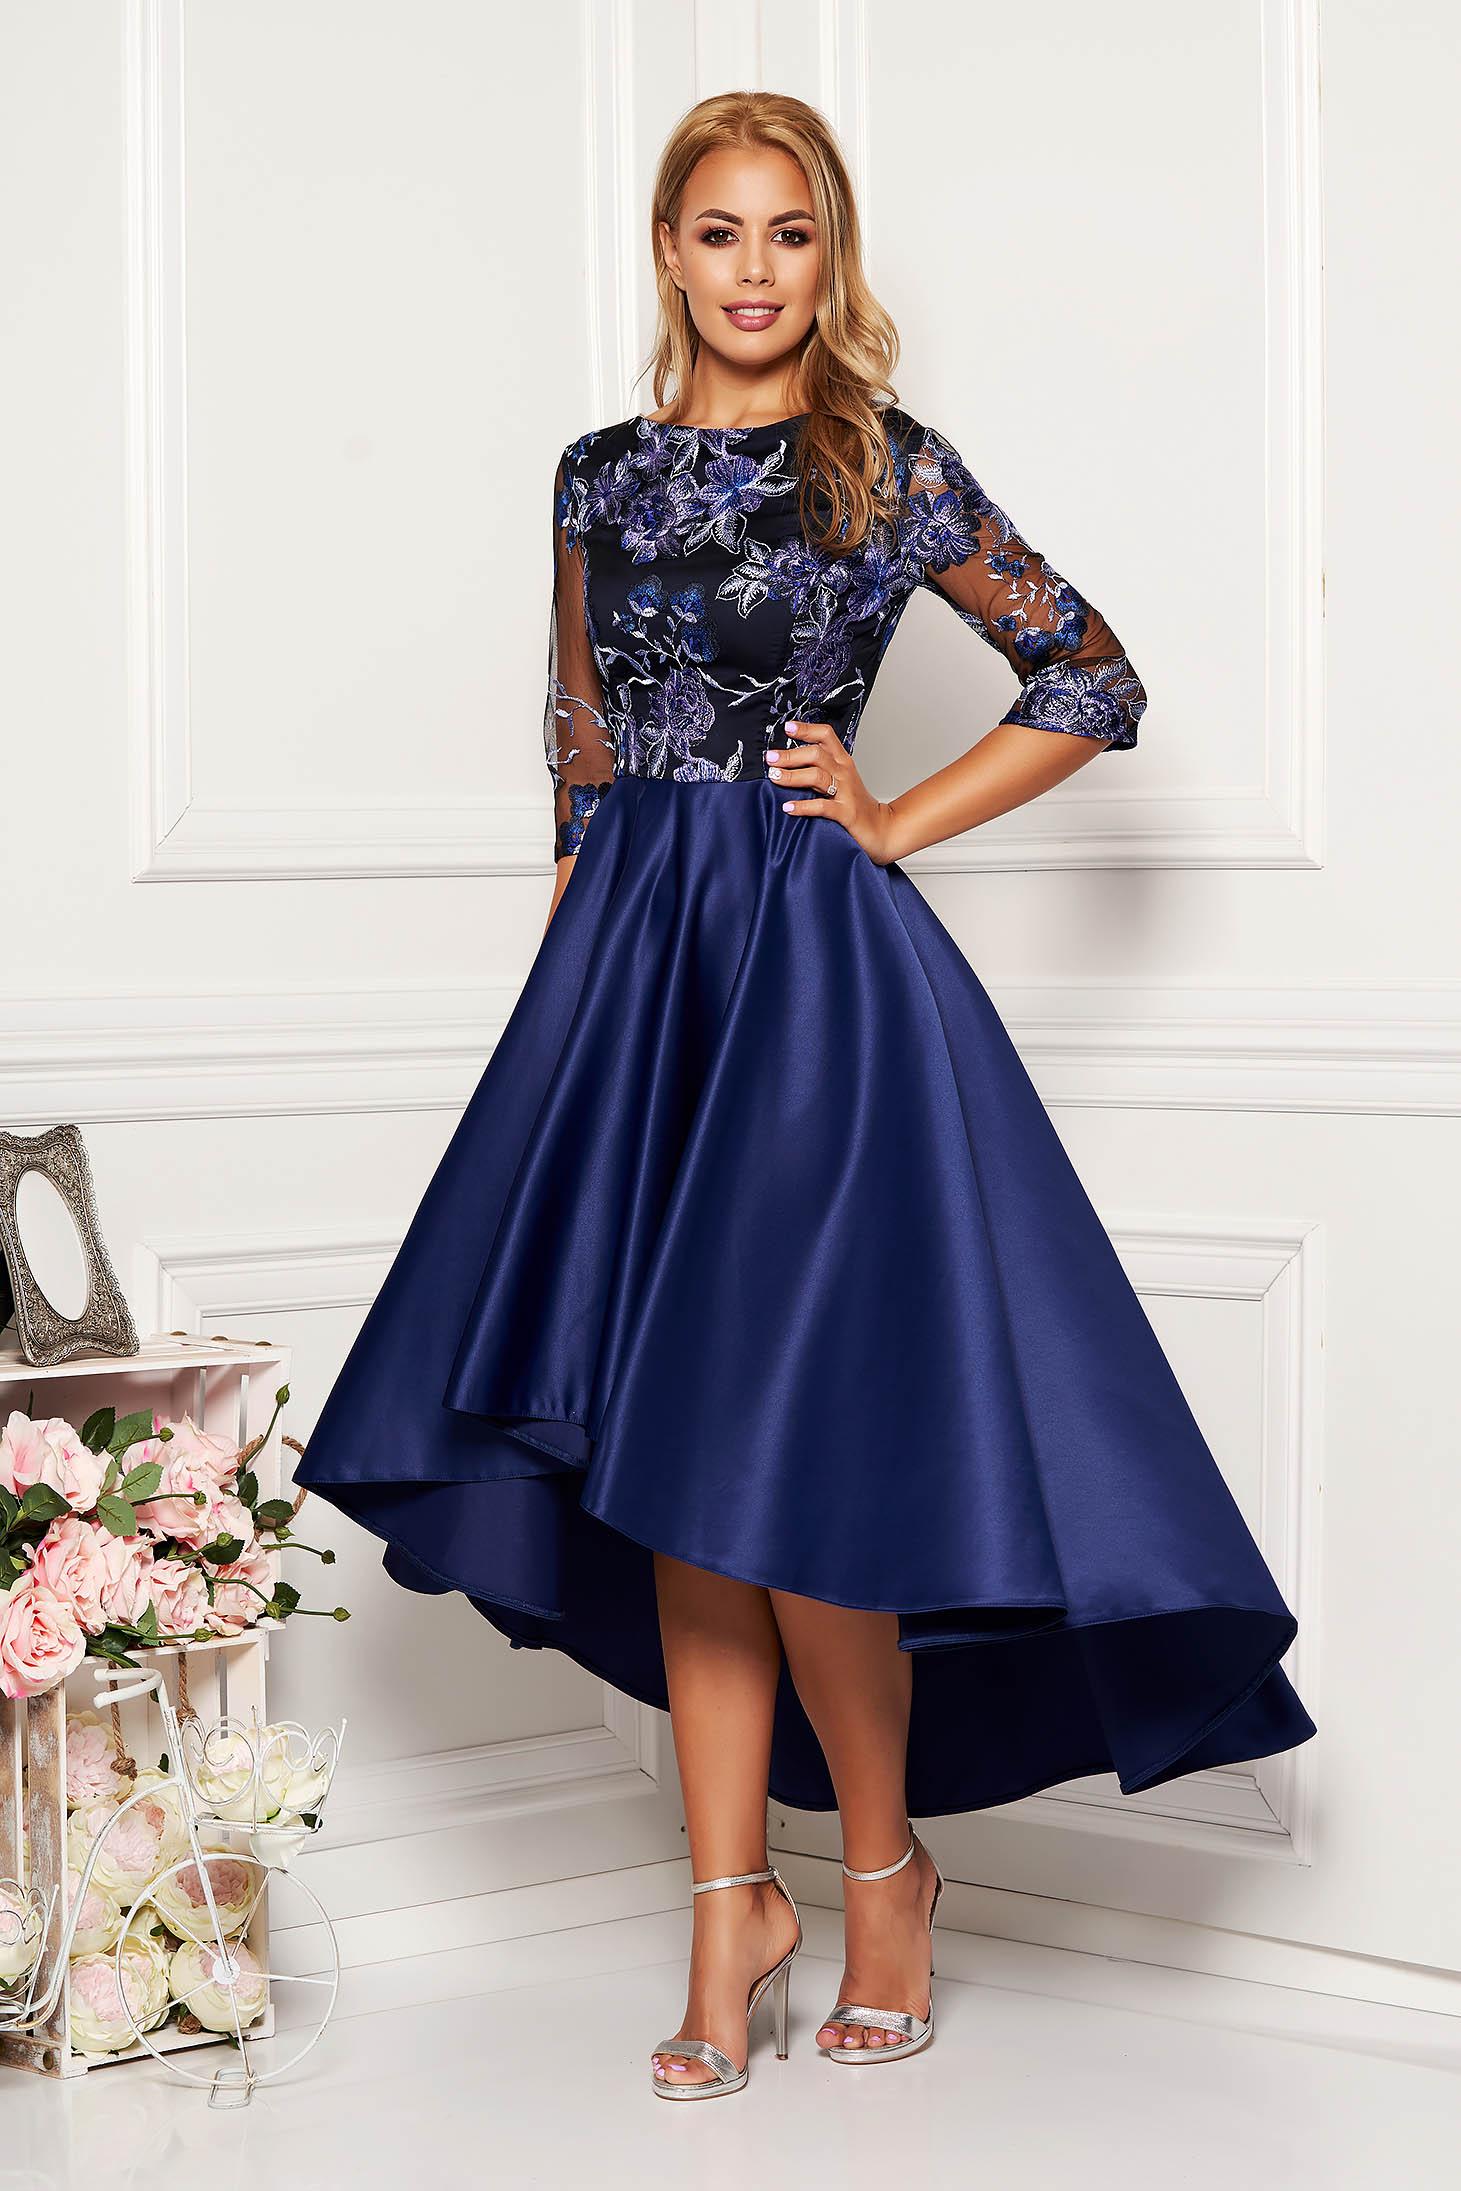 Rochie albastru-inchis midi de ocazie asimetrica din dantela si satin cu decolteu rotunjit si maneci trei-sferturi